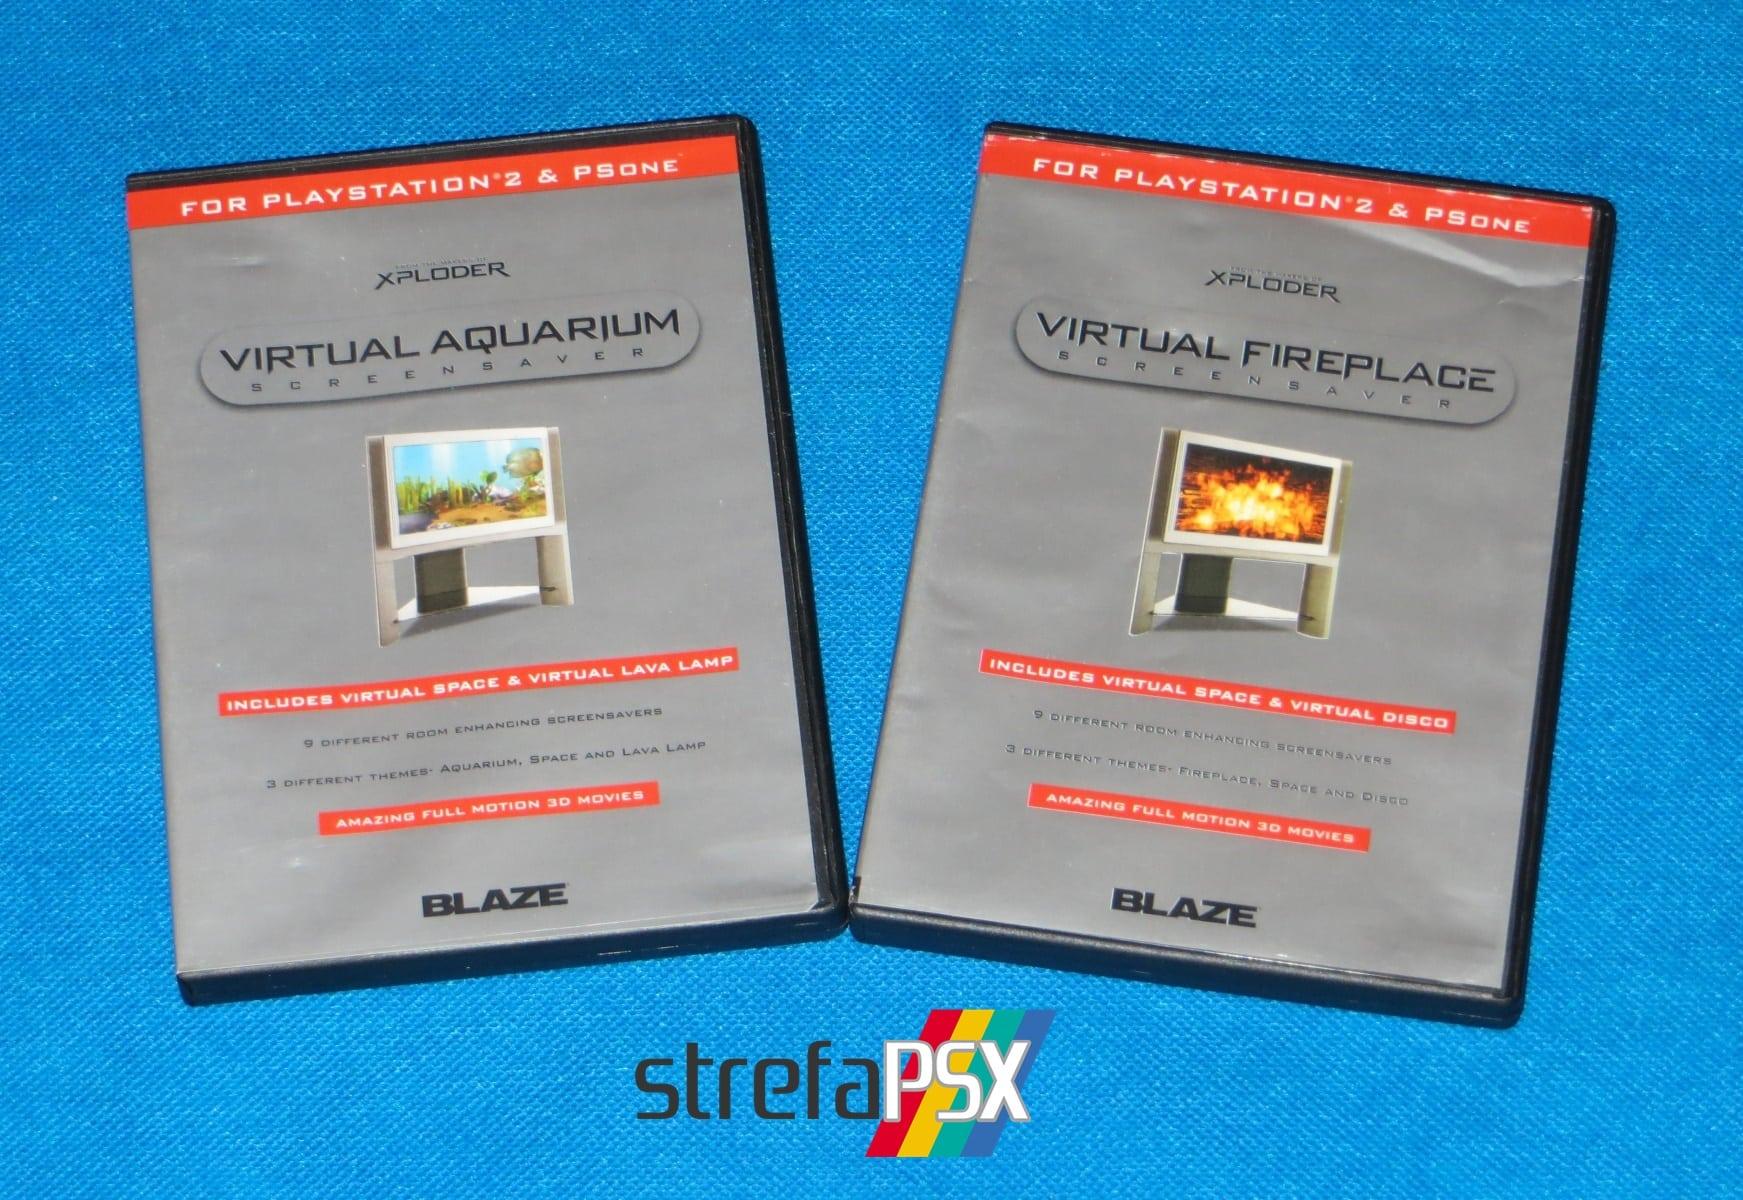 nieoficjalne gry psx - Nieoficjalne oprogramowanie na PlayStation